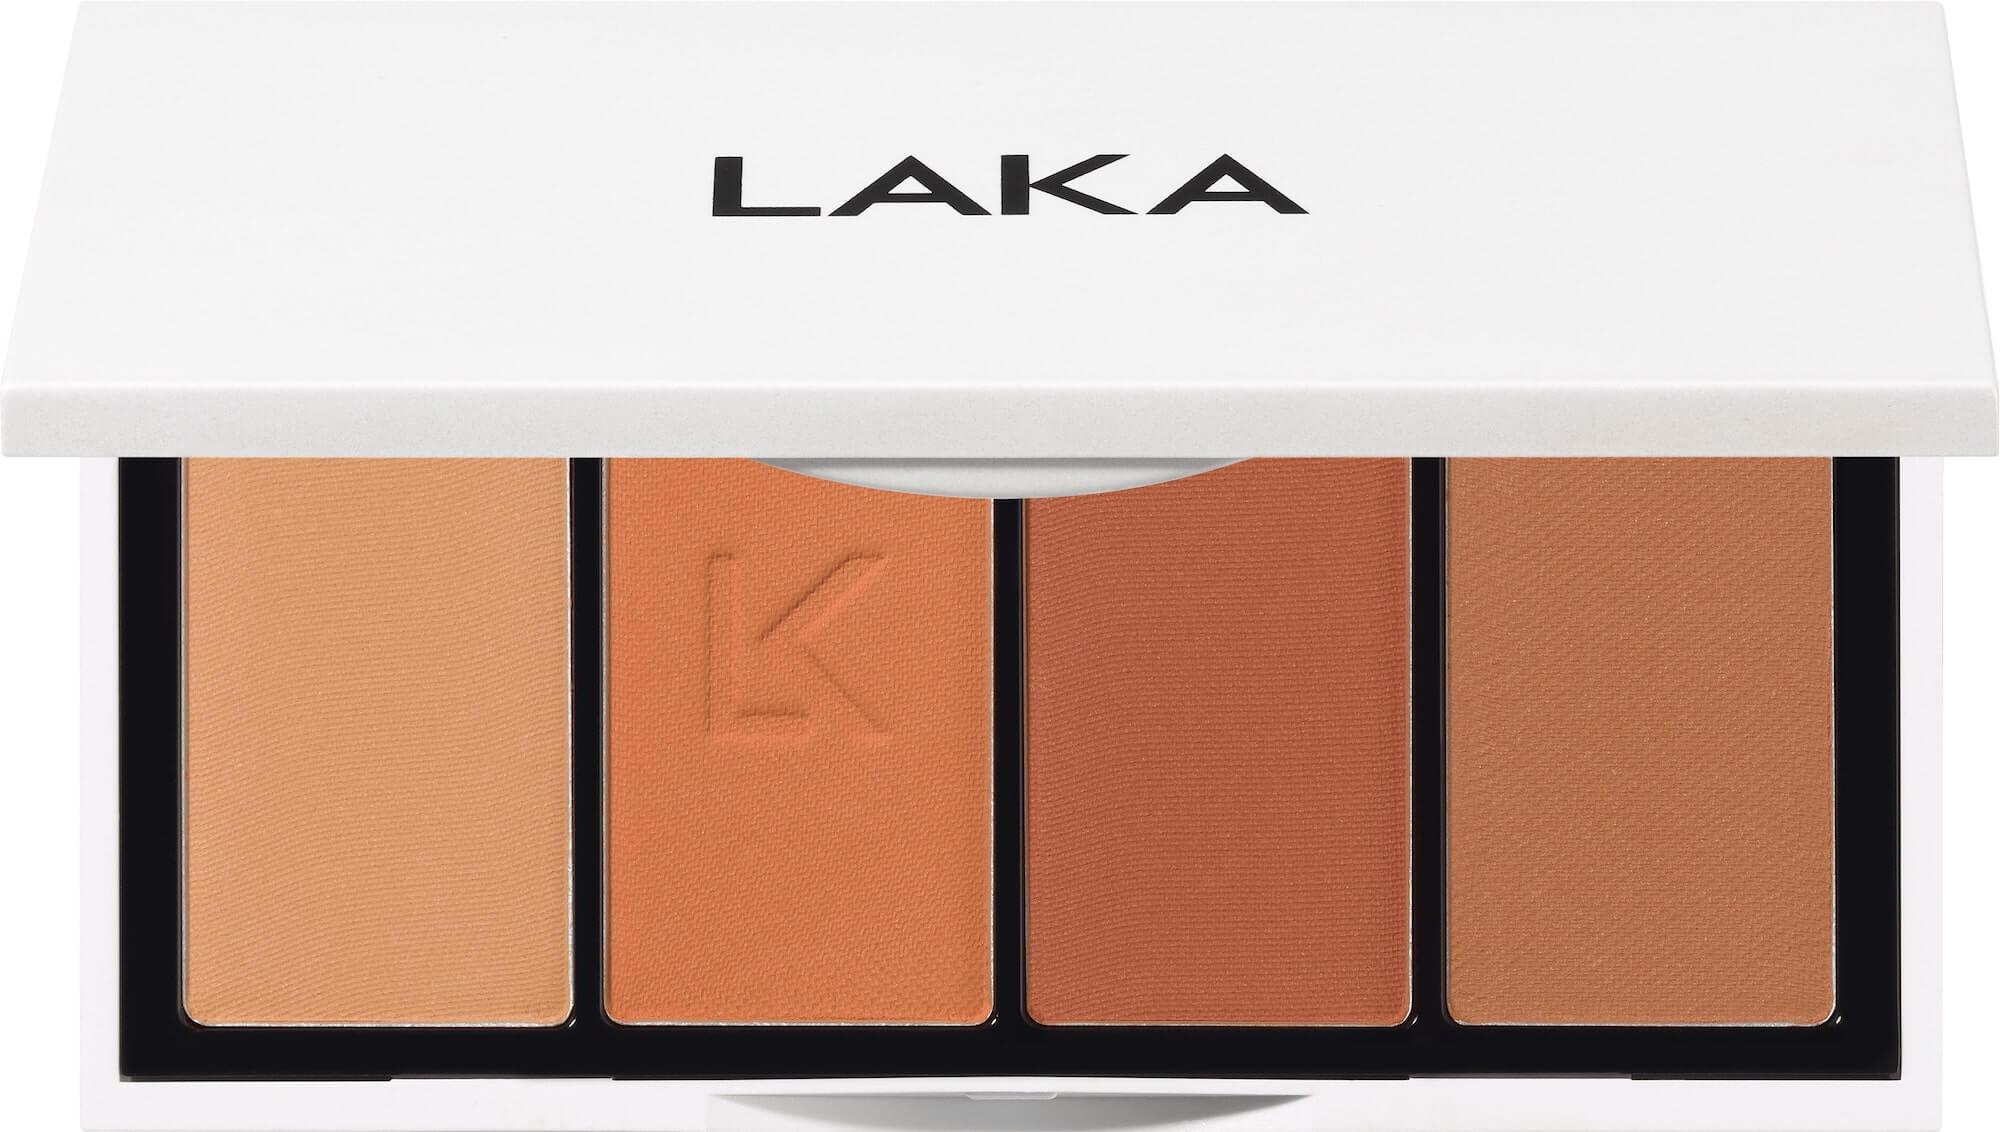 最新韓国コスメ「LAKA(ラカ)」のジャストアイパレットの06.TANGERINE/¥2,600(税抜き)